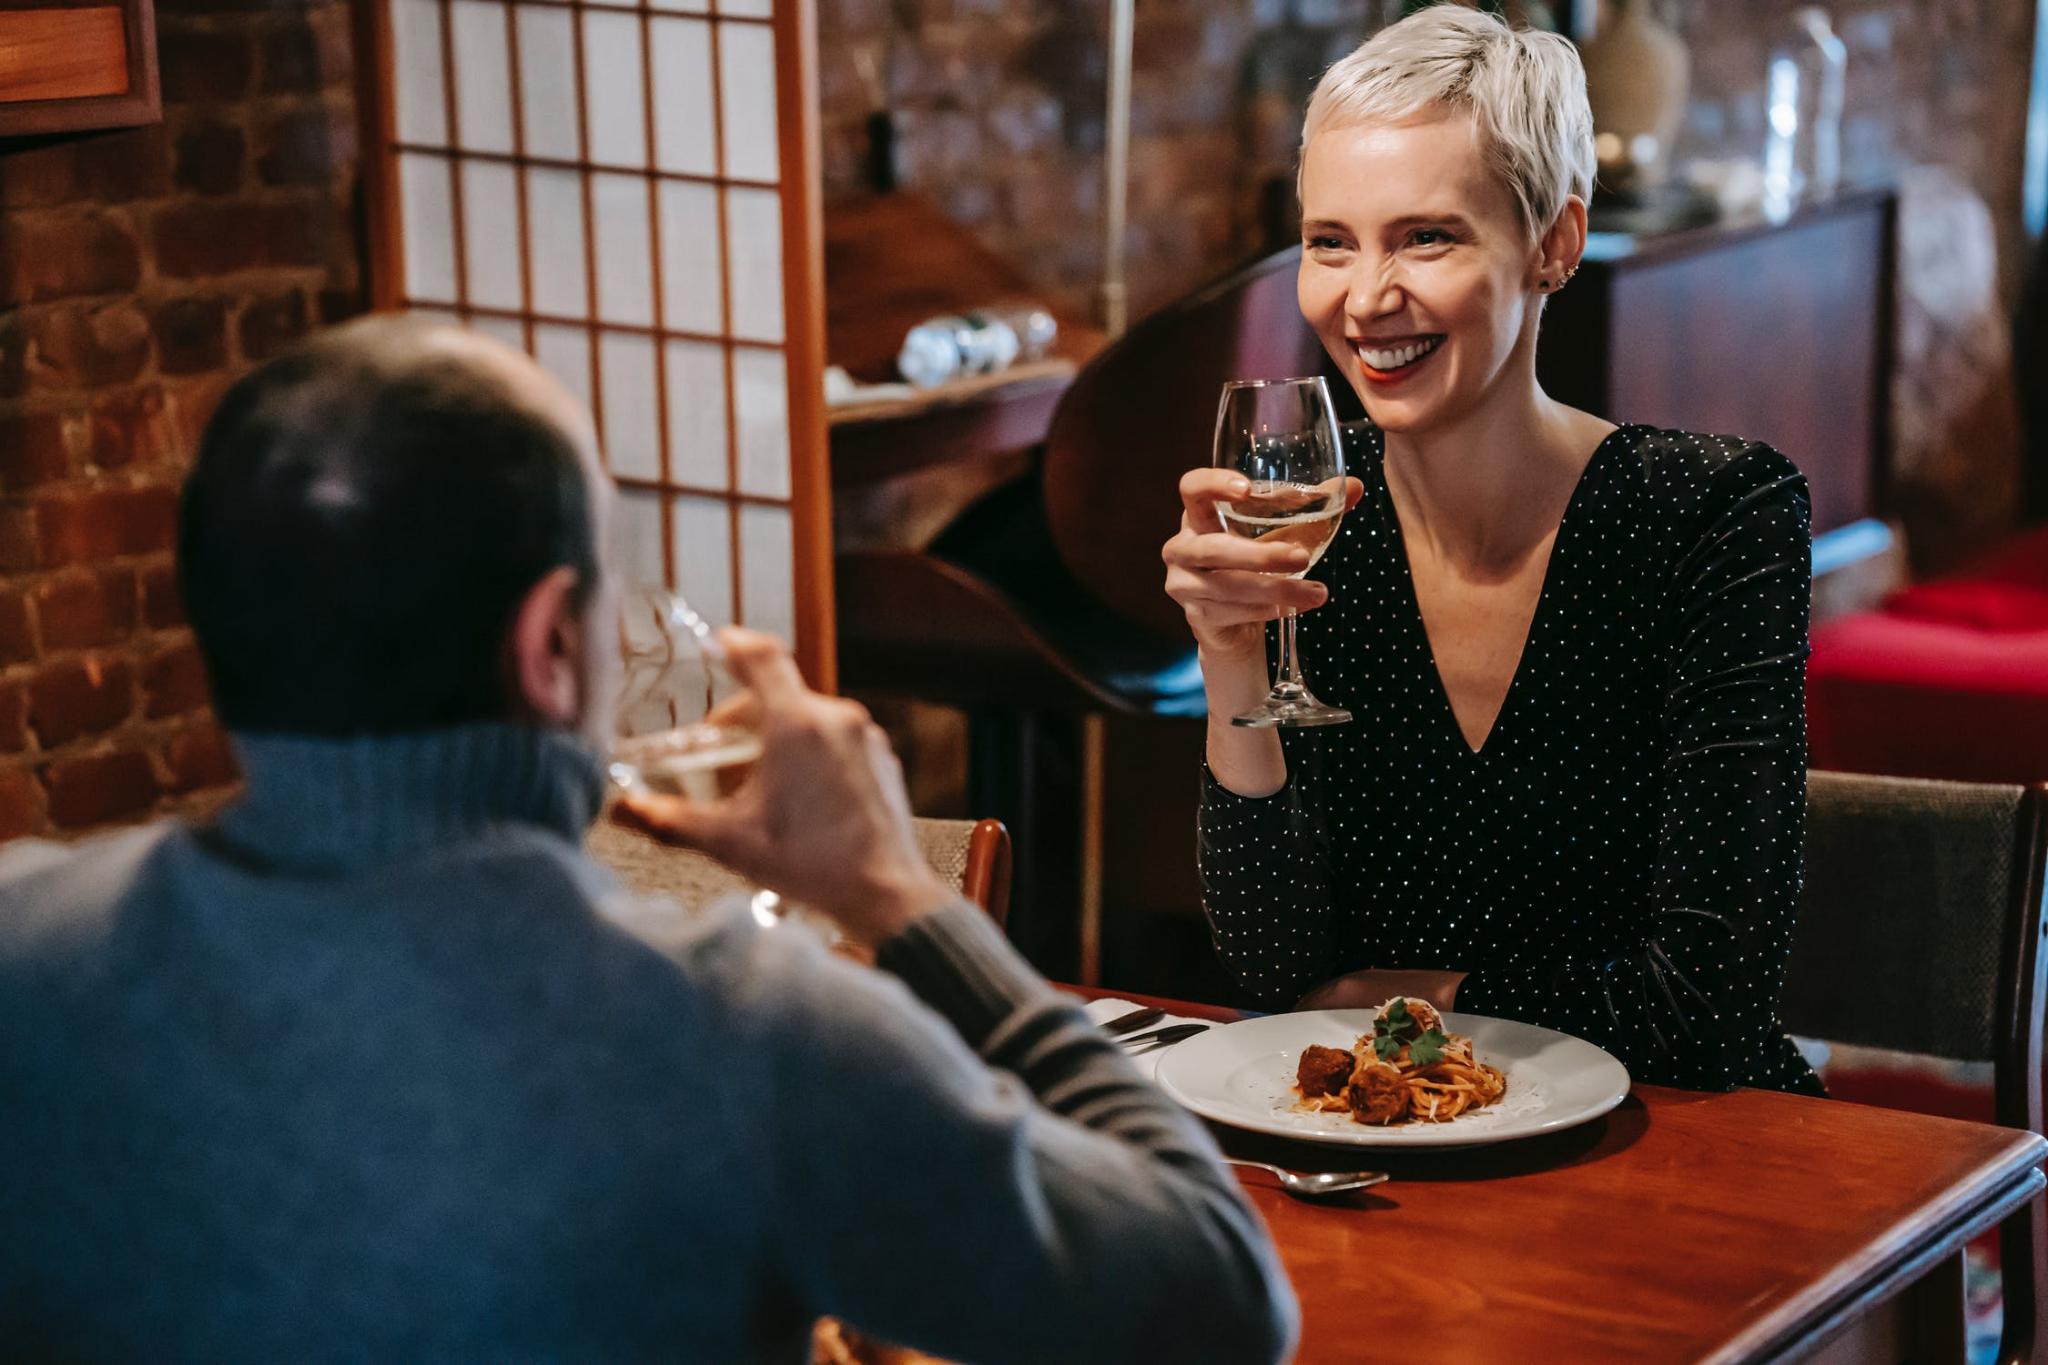 Las mejores preguntas que hacer a tu pareja para afianzar la relación